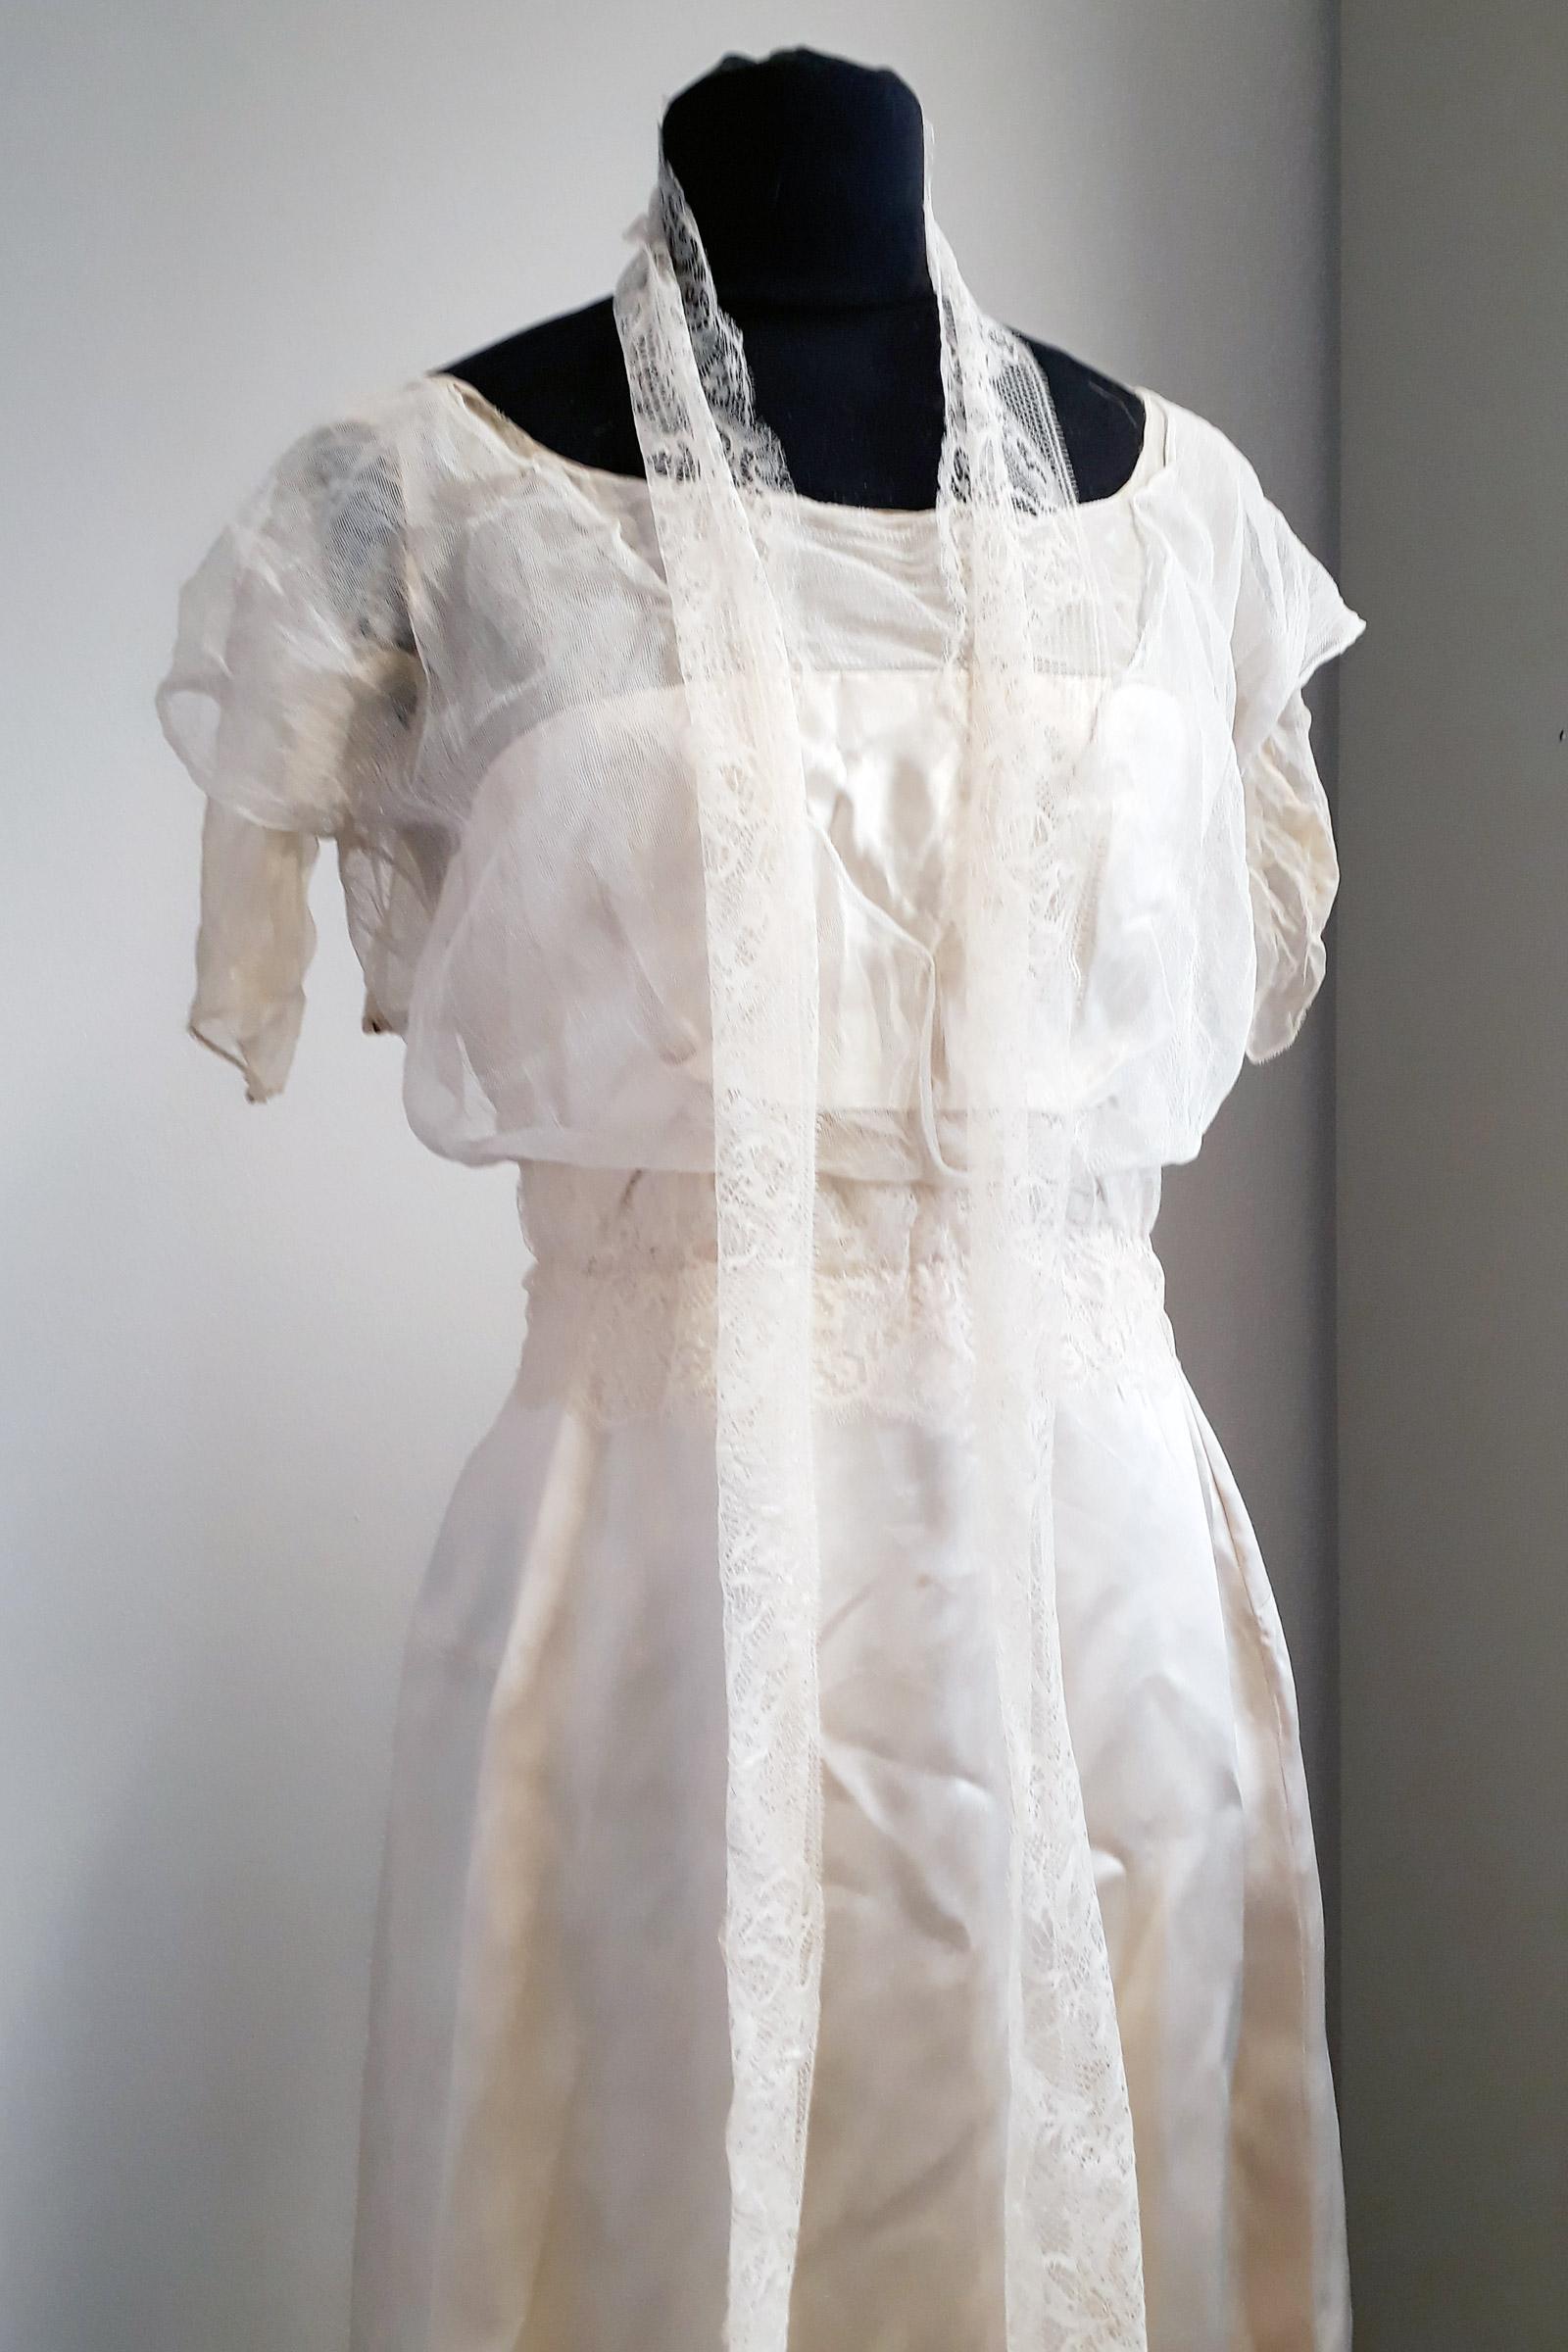 Neuzugang der Mode- und Kostümsammlung: Ein cremefarbiges Seidenkleid